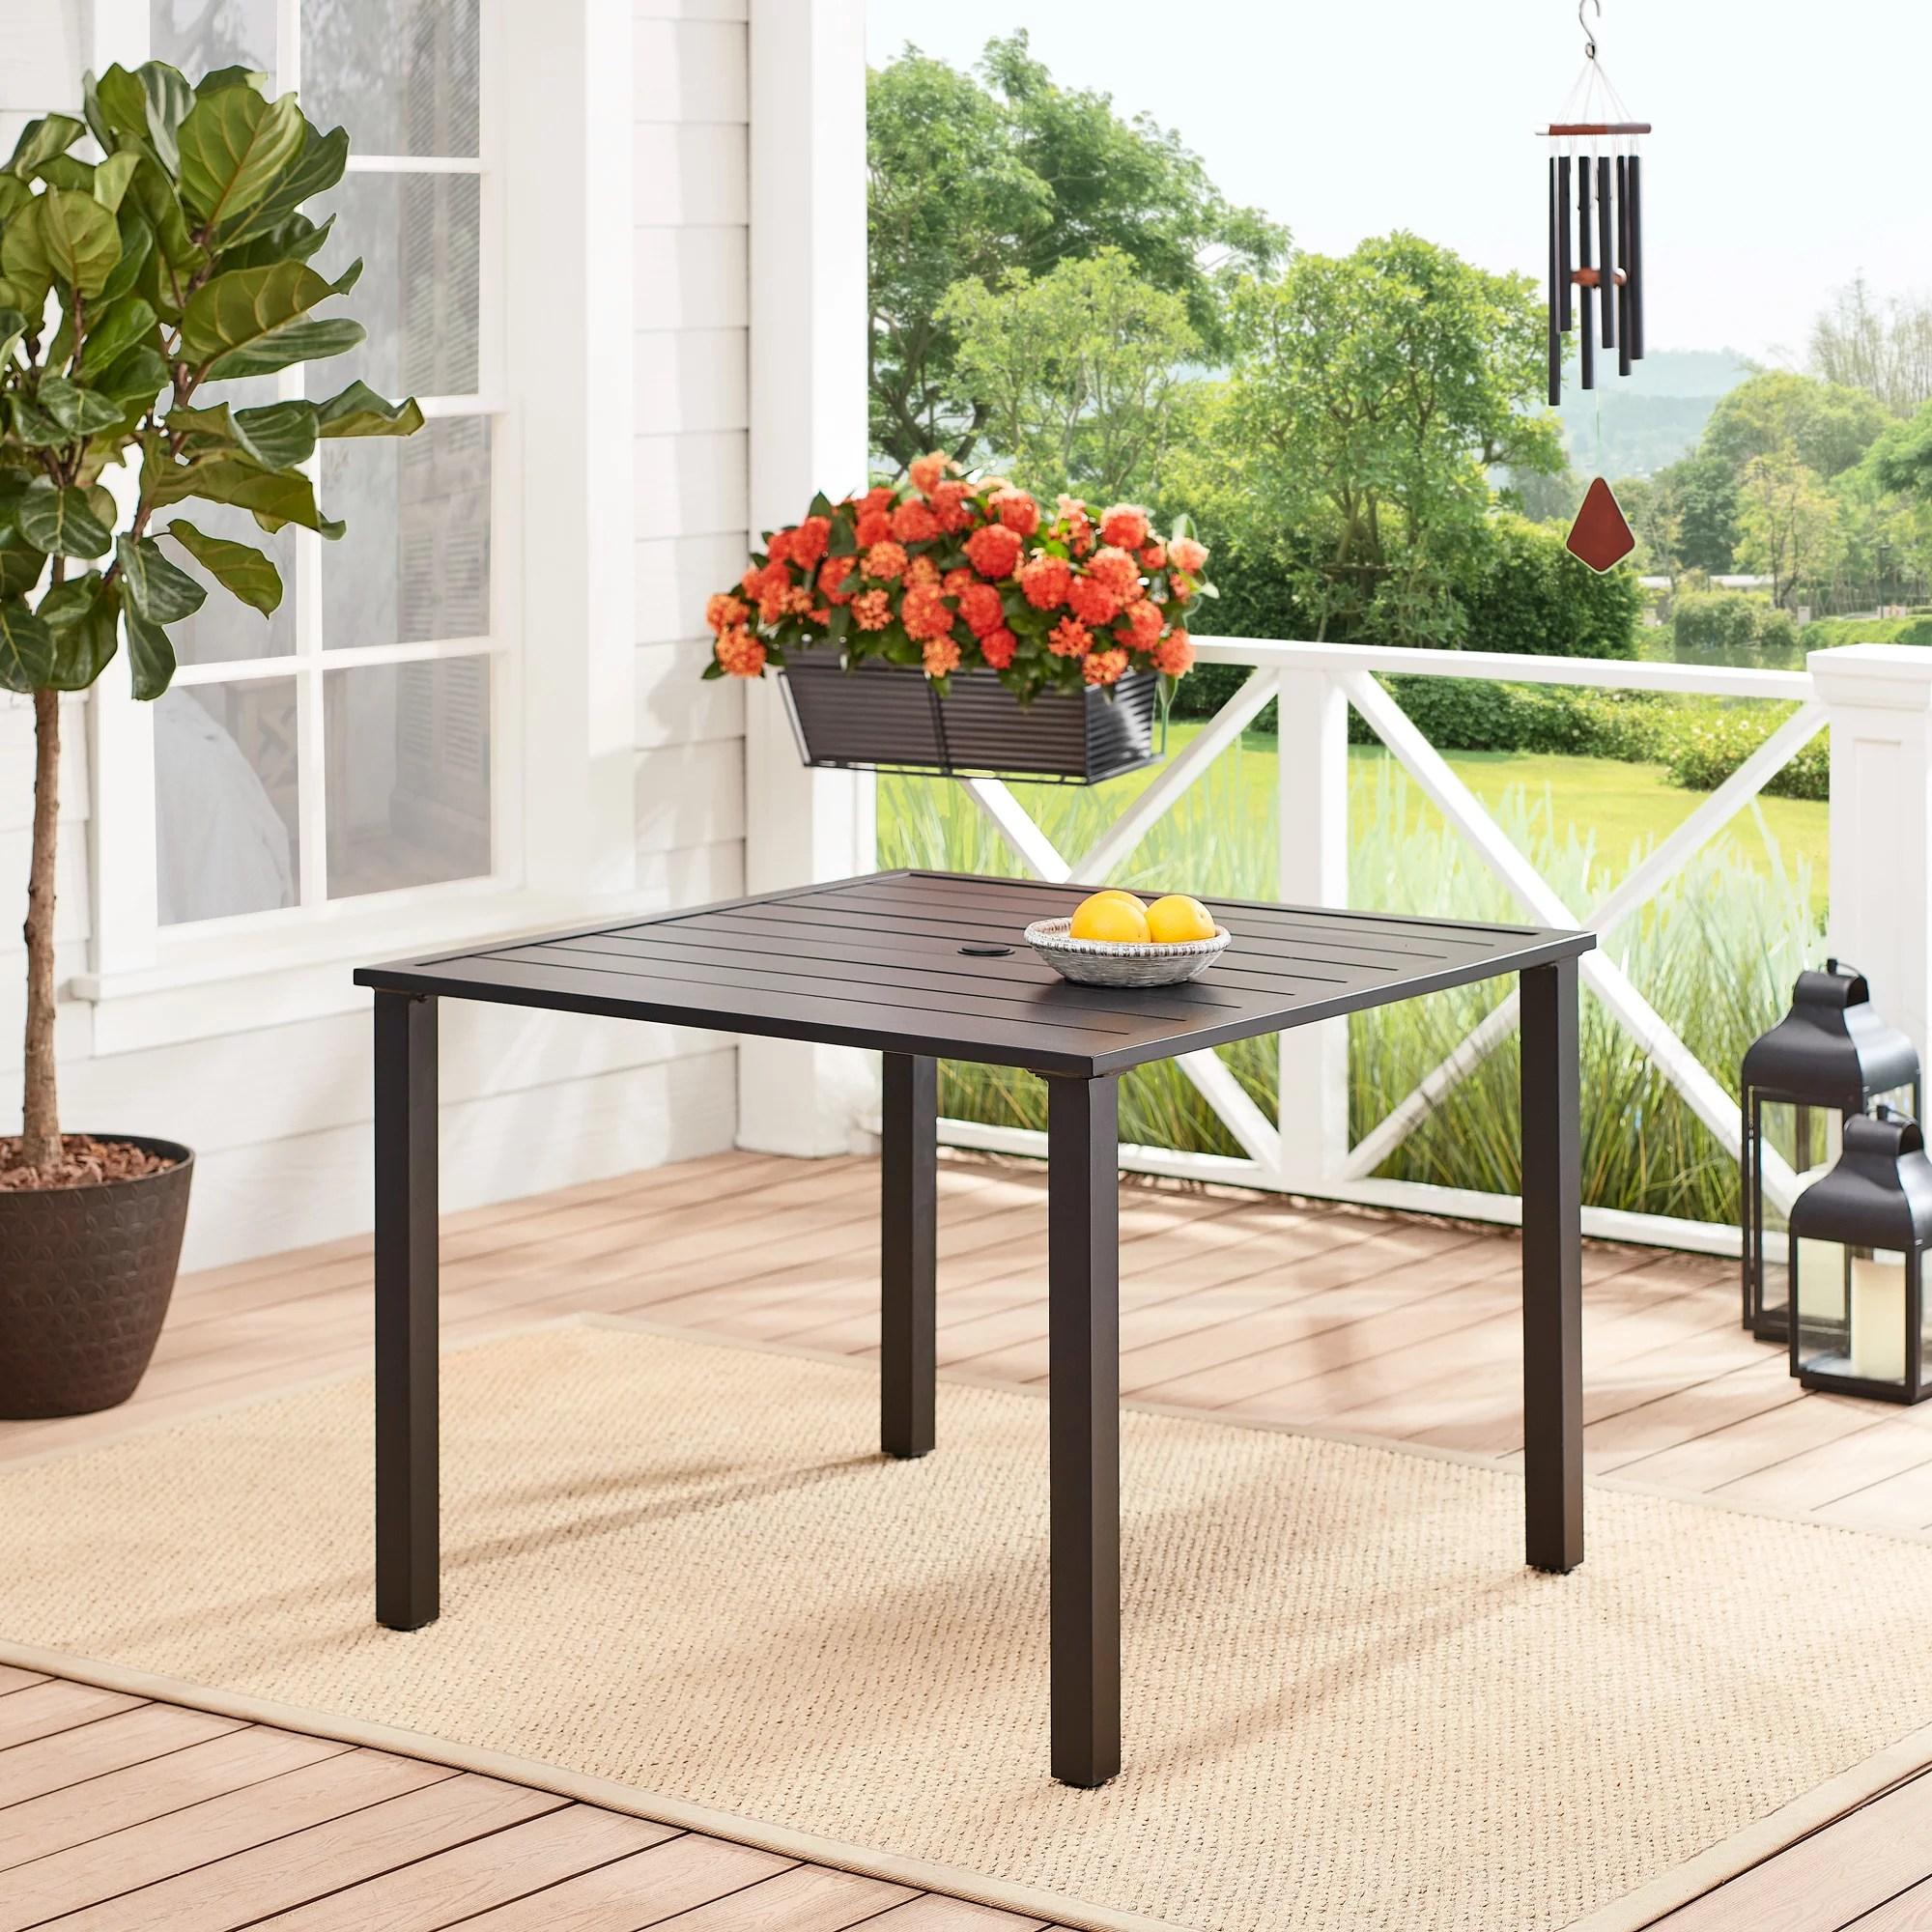 mainstays 38 square outdoor patio bistro table espresso